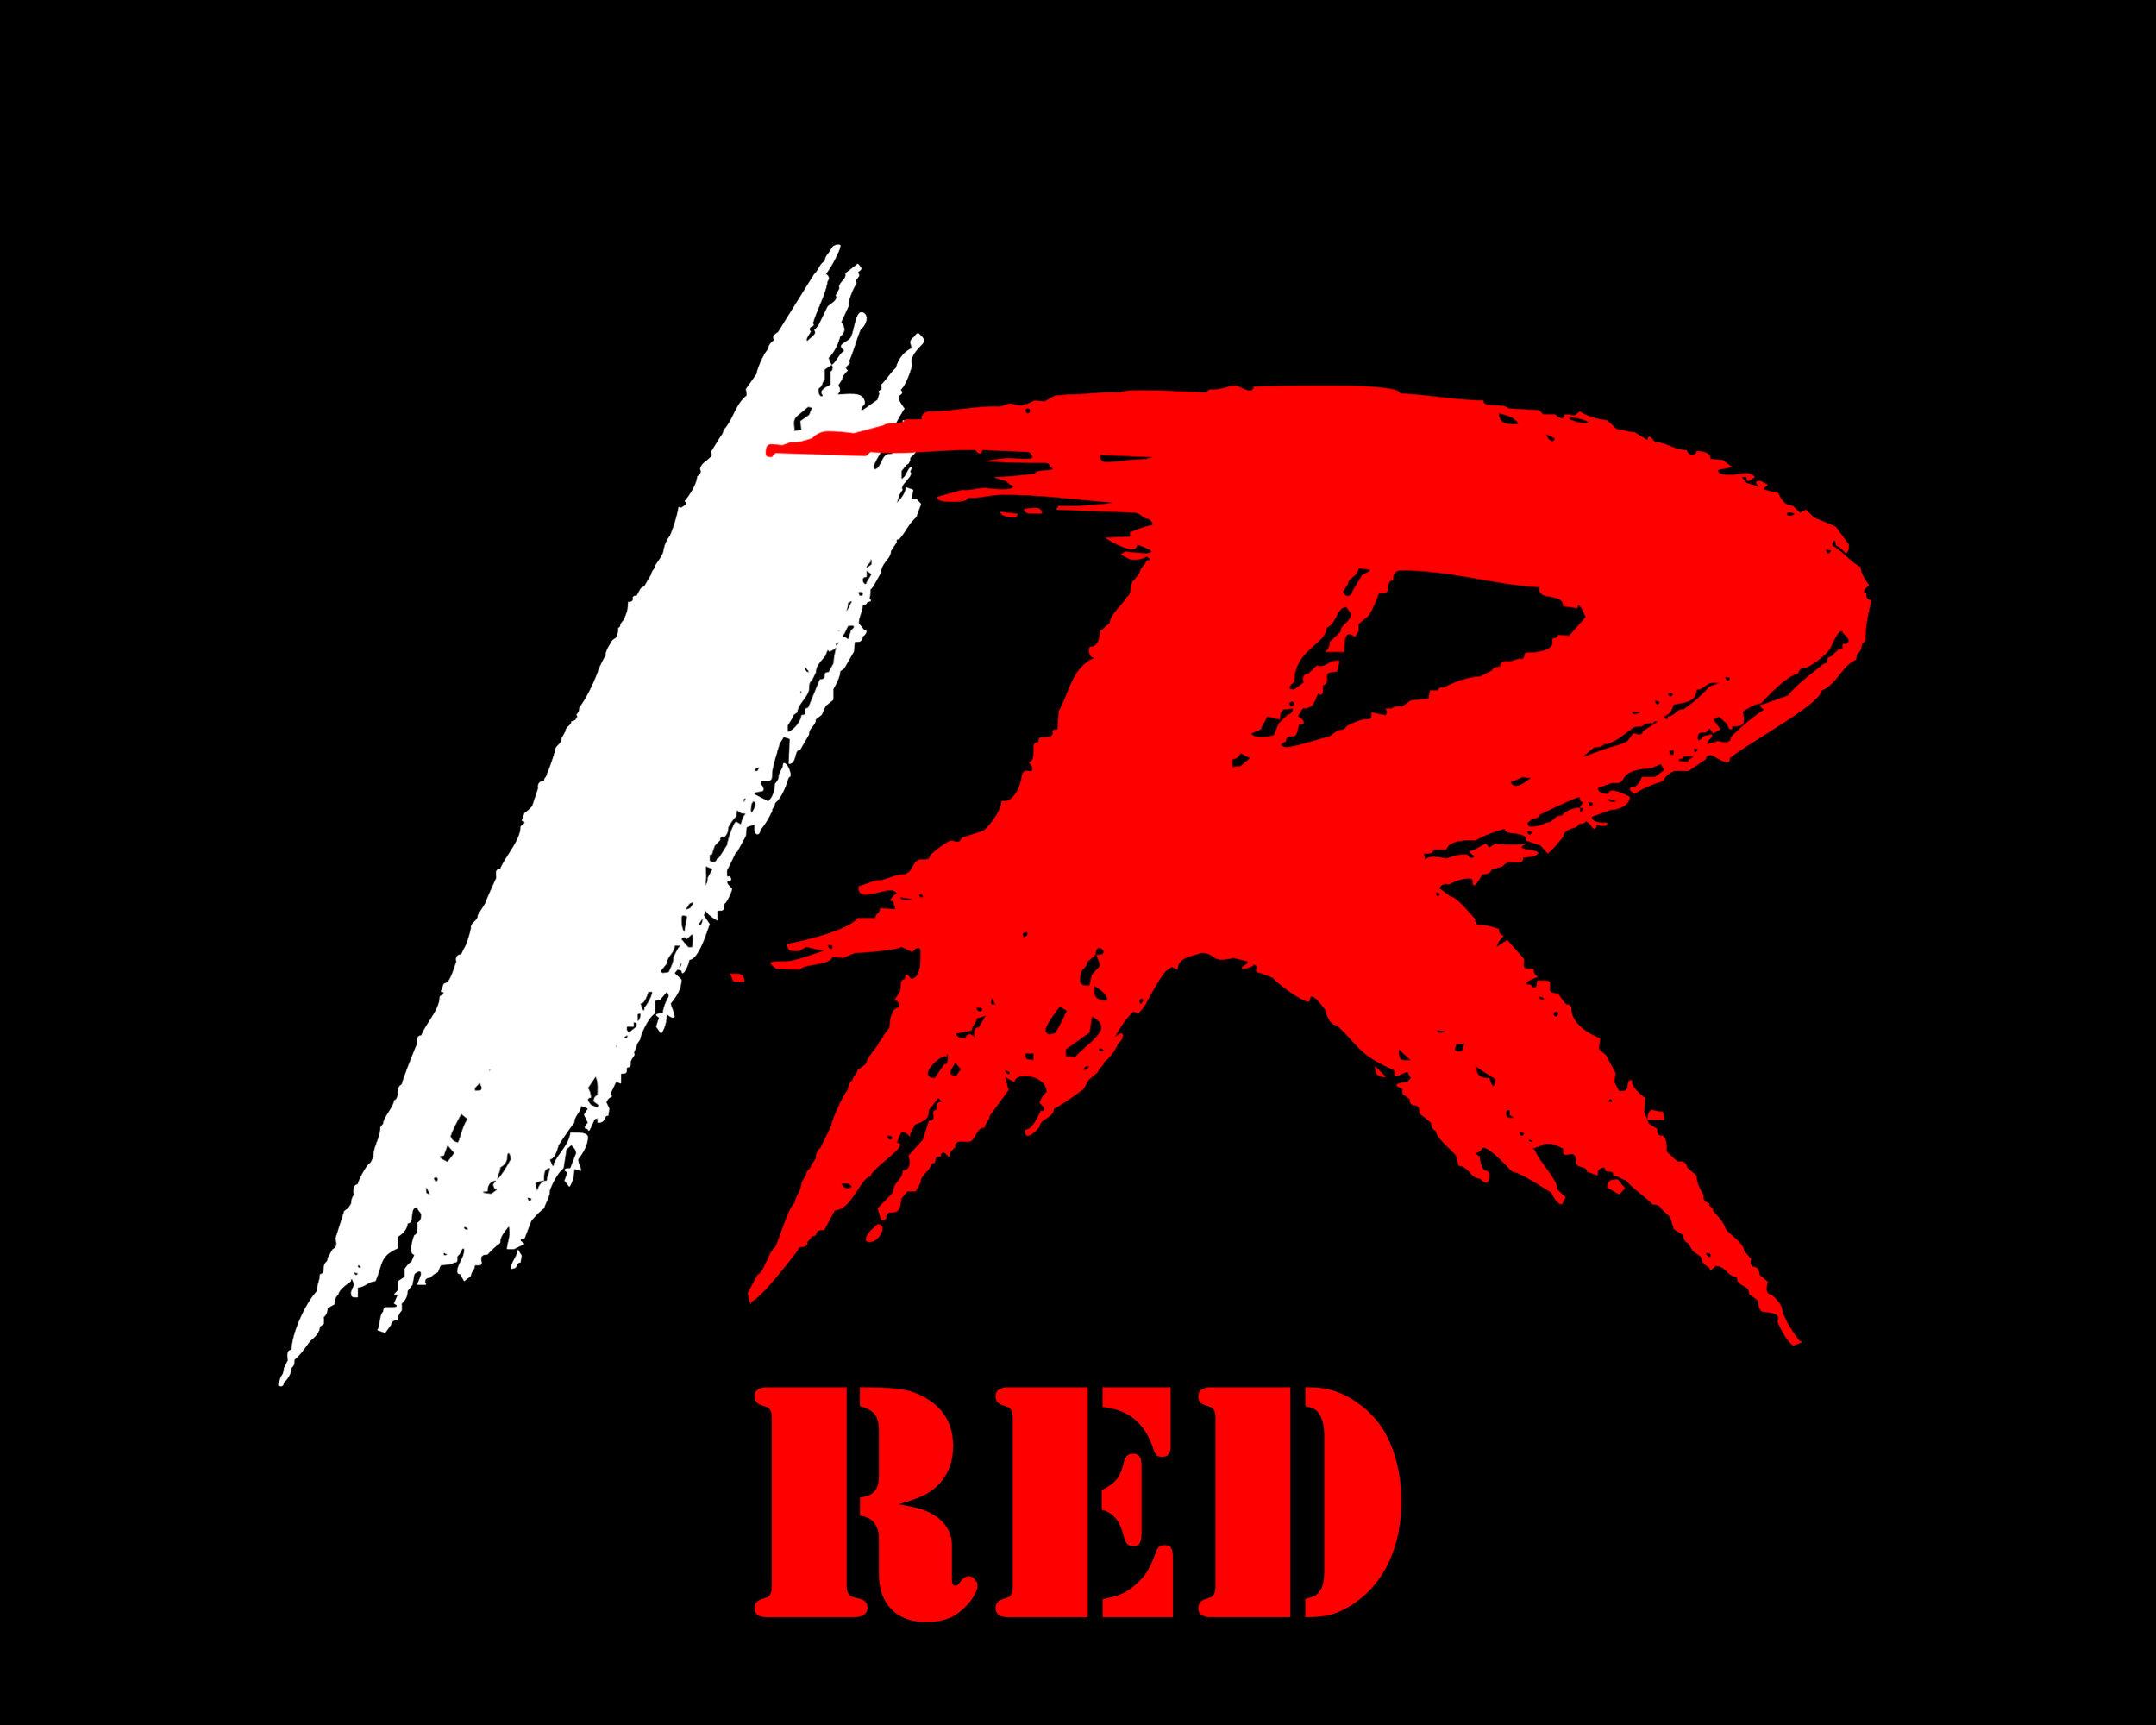 Tier-1---Red.jpg